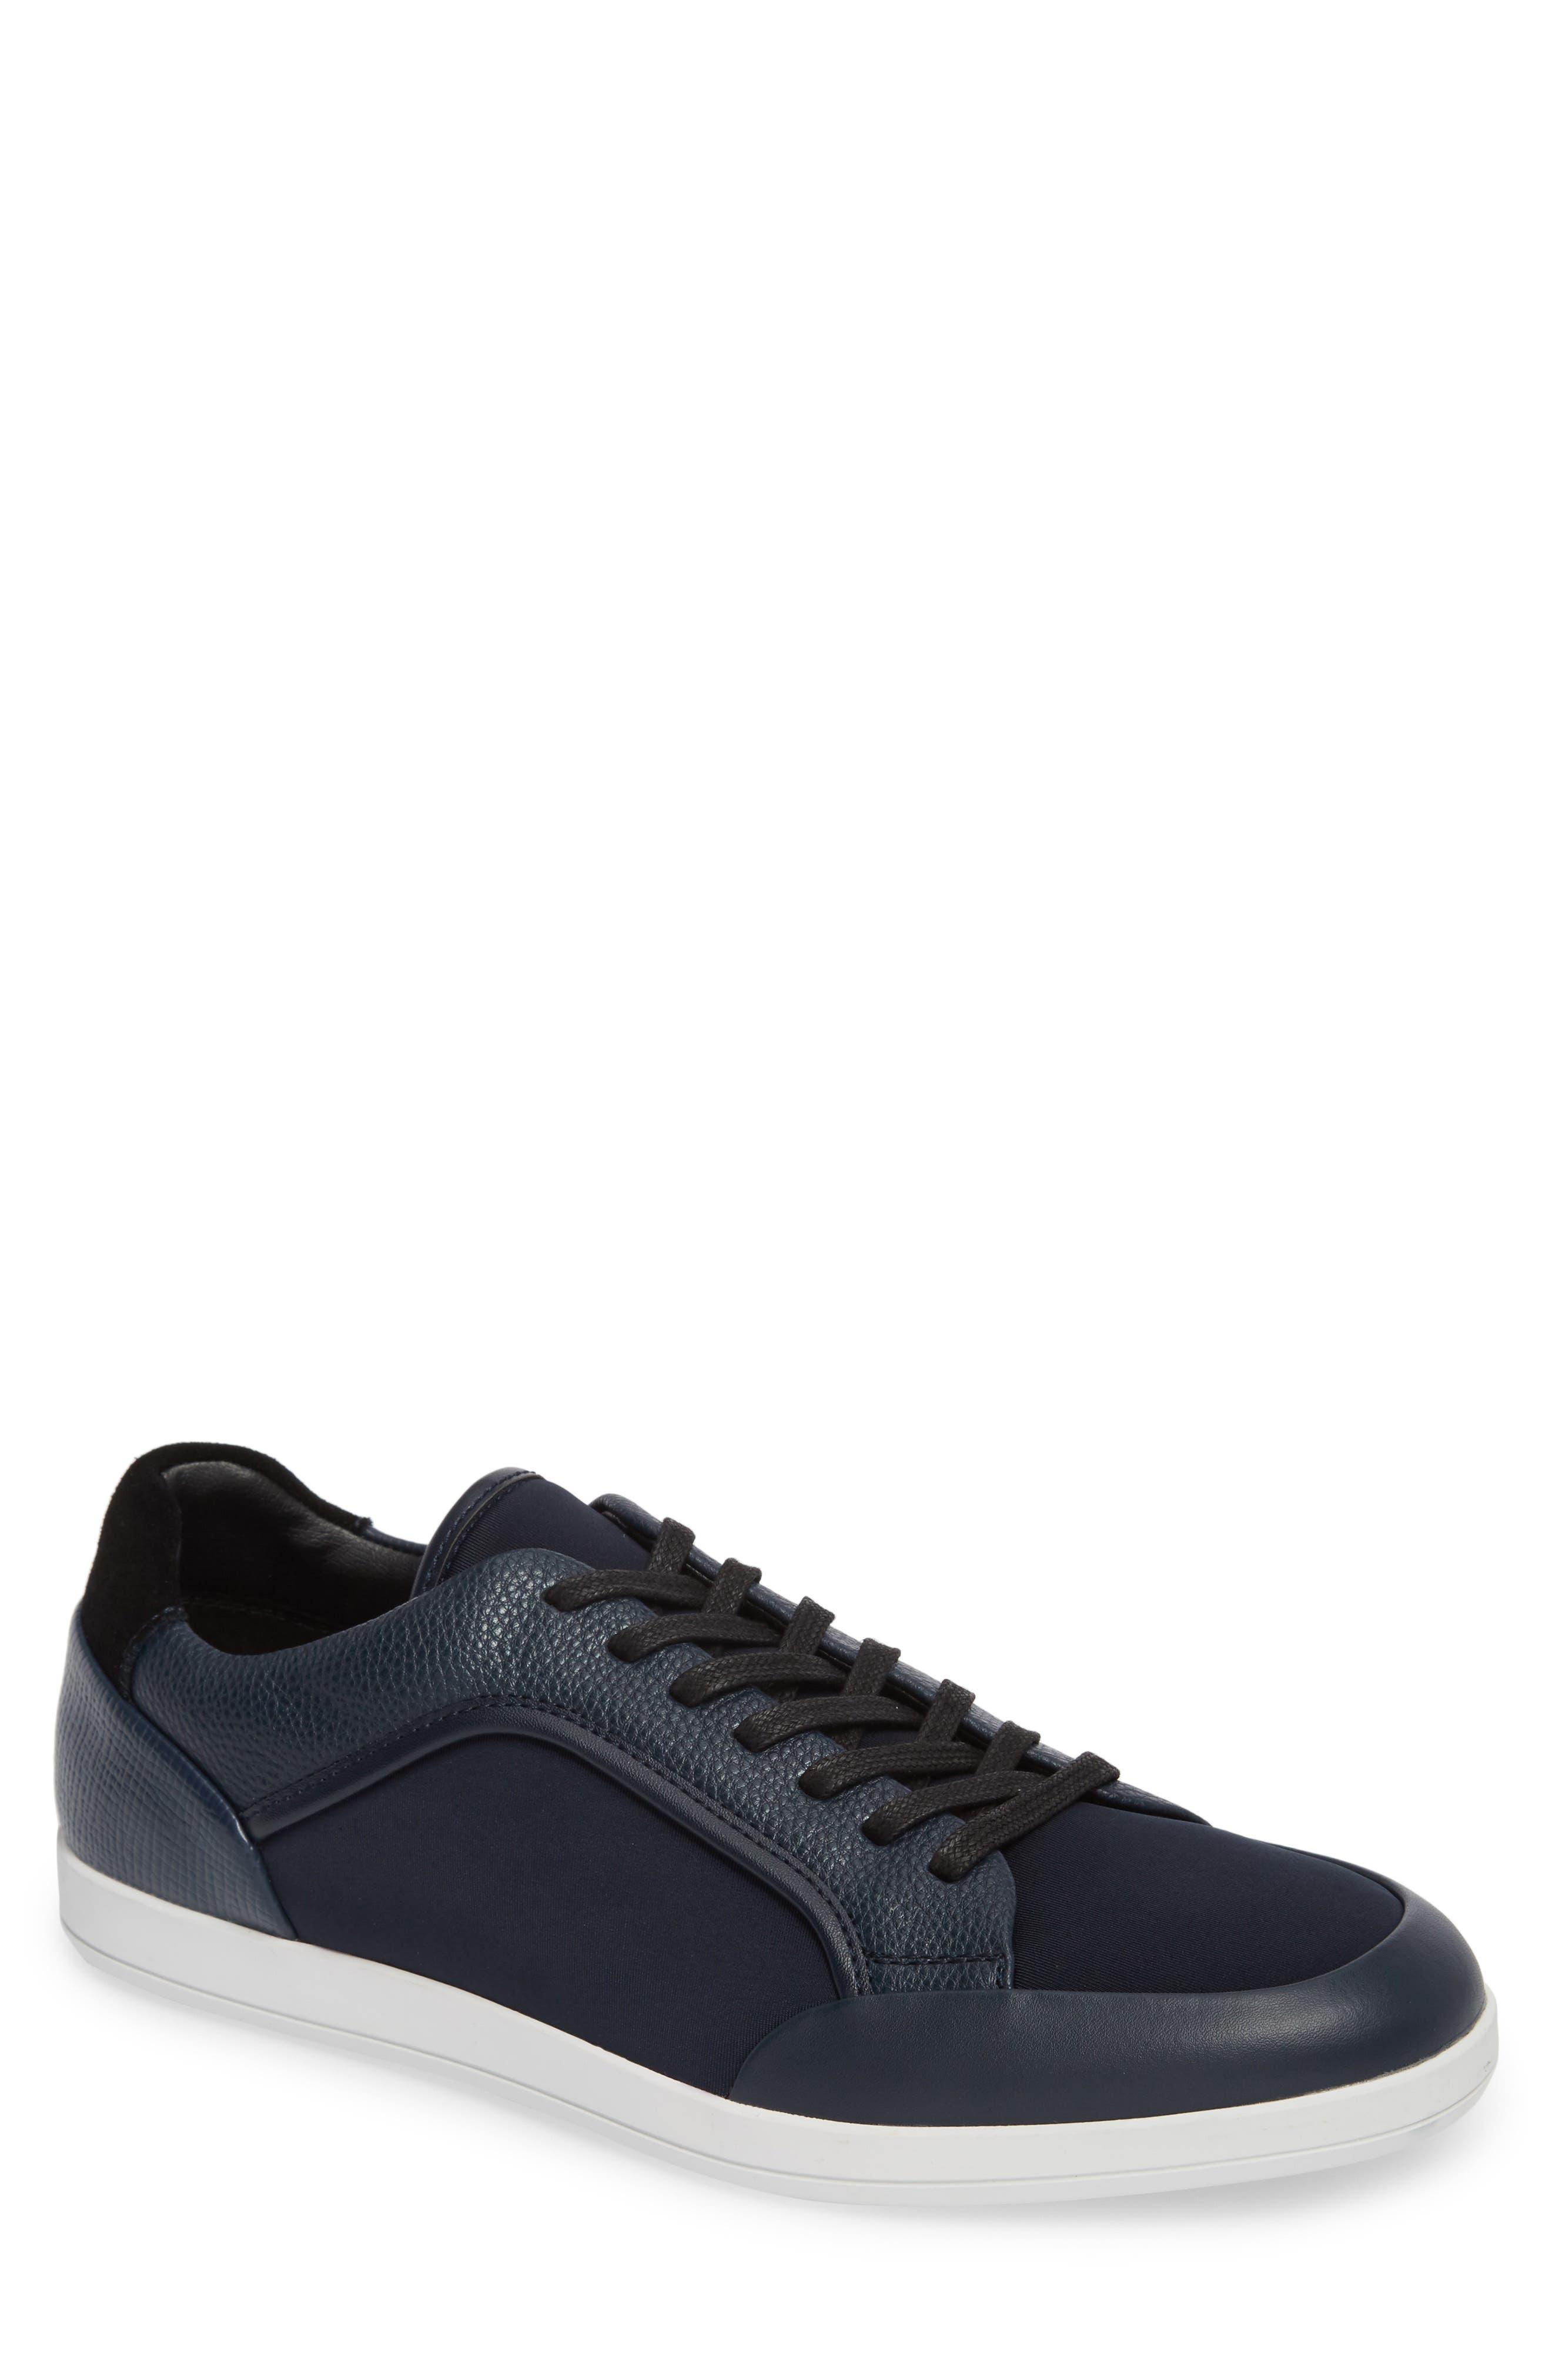 Alternate Image 1 Selected - Calvin Klein Masen Sneaker (Men)